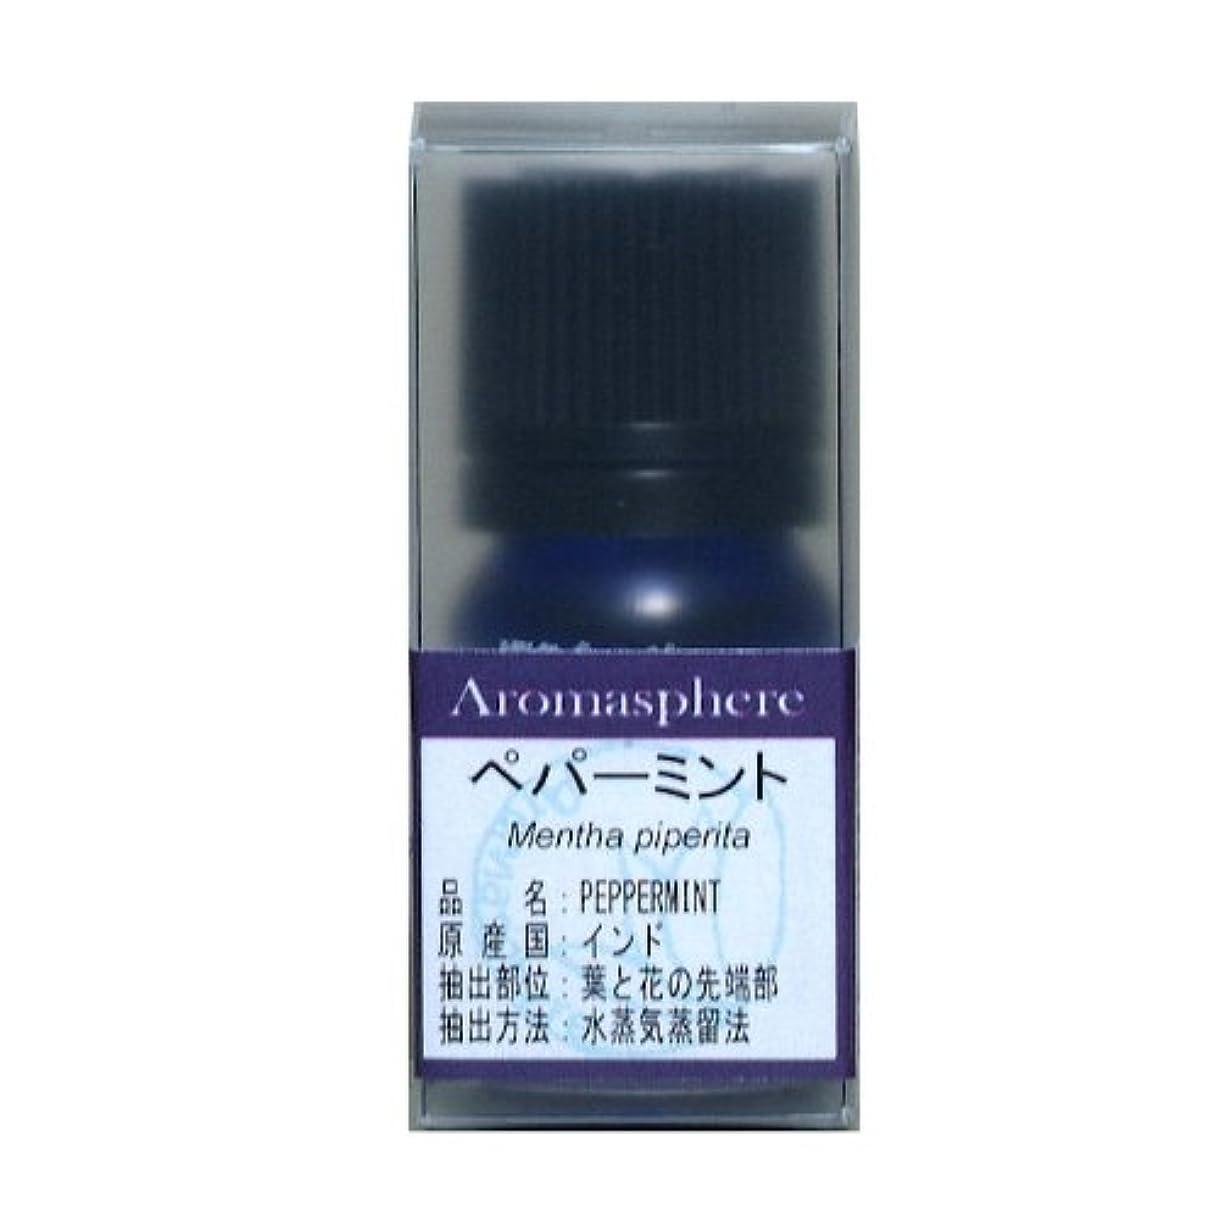 誓い接続詞ただやる【アロマスフィア】ペパーミント 5ml エッセンシャルオイル(精油)